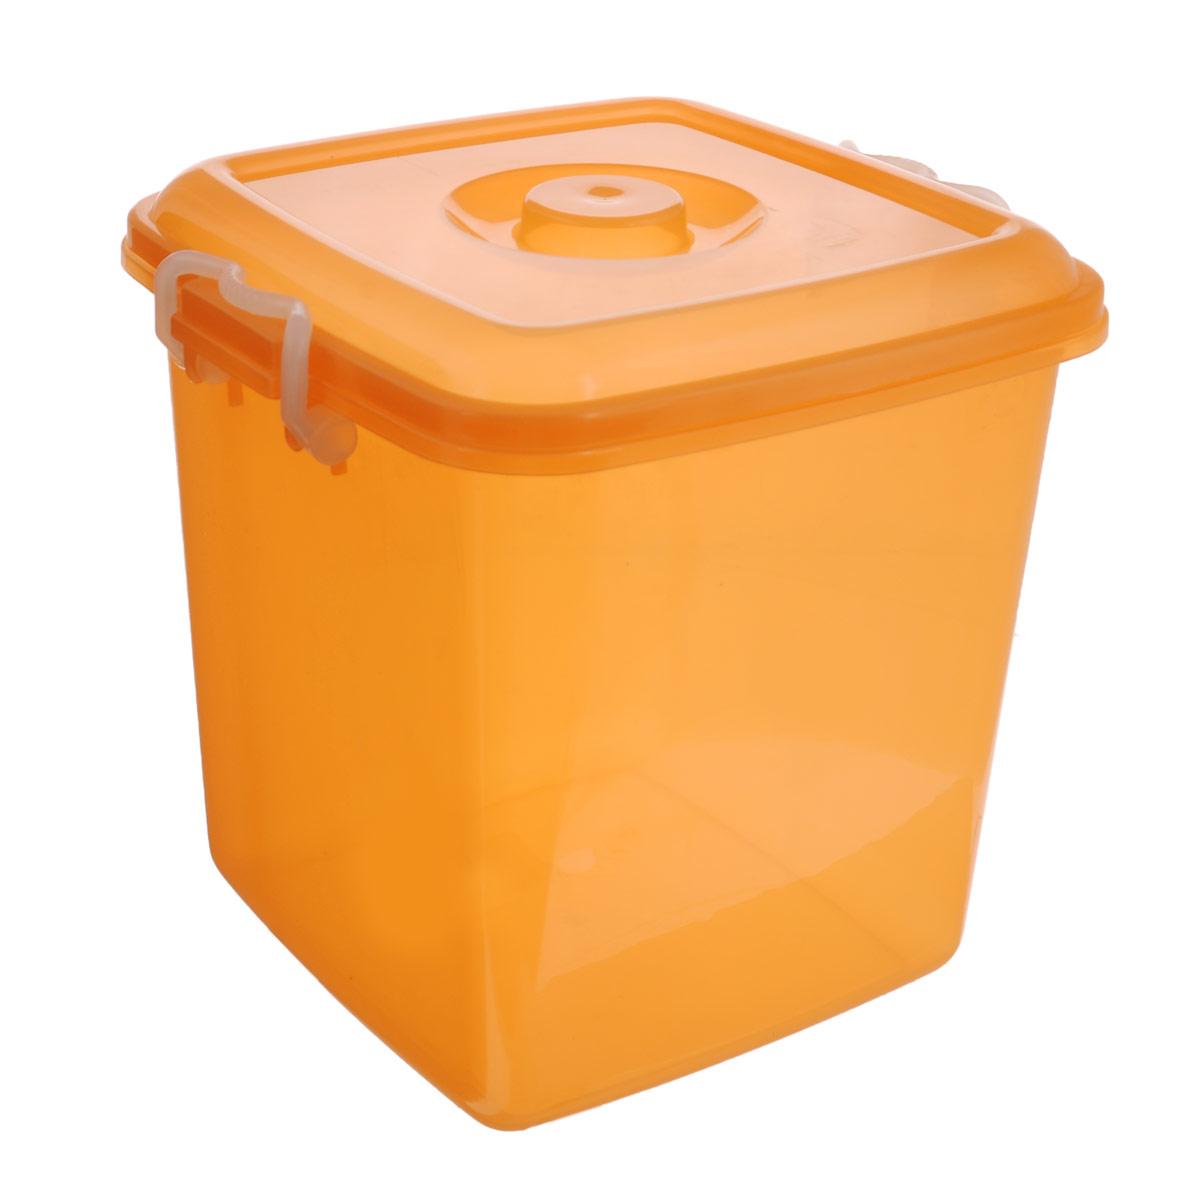 Контейнер для хранения Idea Океаник, цвет: оранжевый, 20 лМ 2858Контейнер Idea Океаник выполнен из высококачественного полипропилена, предназначен для хранения различных вещей.Контейнер снабжен эргономичной плотно закрывающейся крышкой со специальными боковыми фиксаторами. Объем контейнера: 20 л.